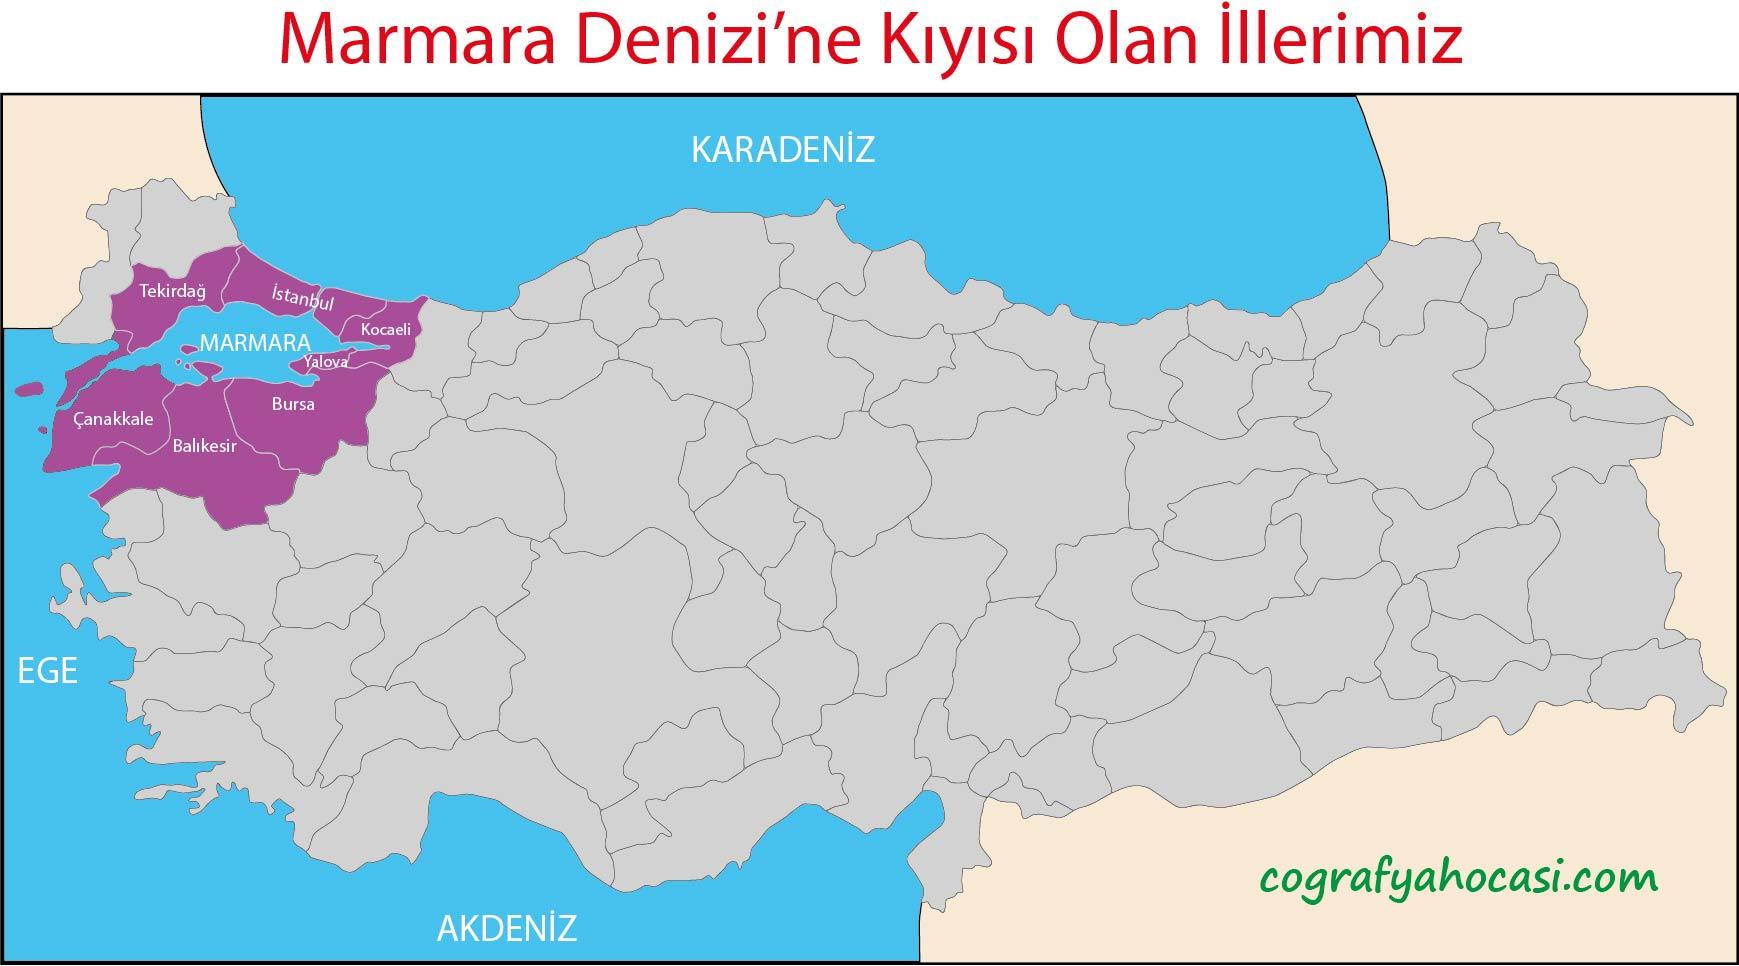 Marmara Denizi'ne Kıyısı Olan İllerimiz